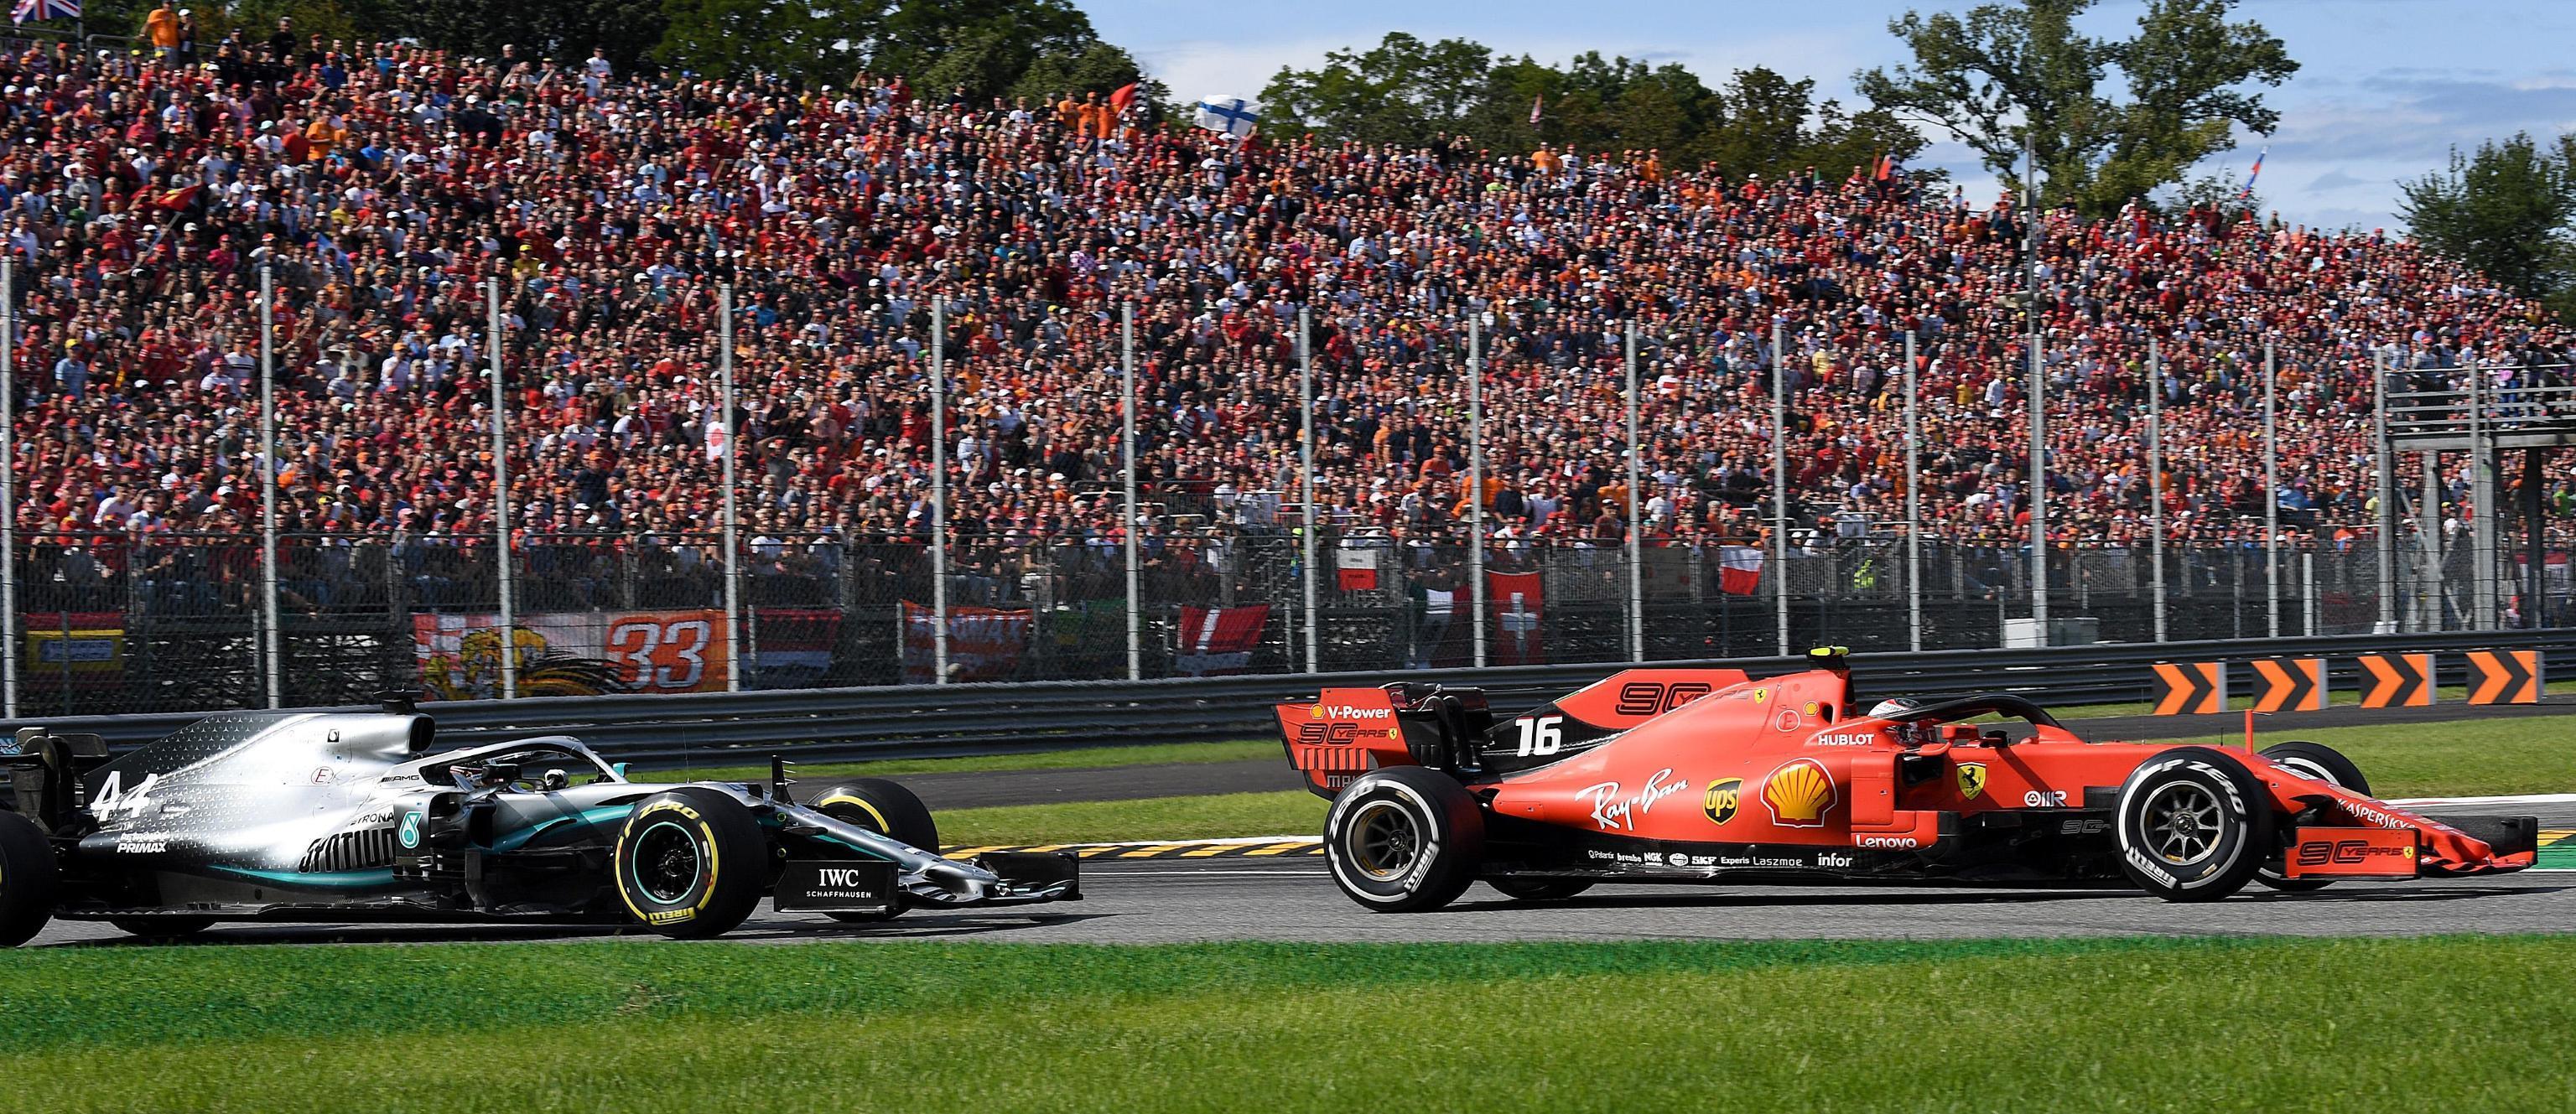 Il pilota della Ferrari ha dominato la gara: seguito da Hamilton, Charles Leclerc è sempre stato in prima posizione dall'inizio alla fine